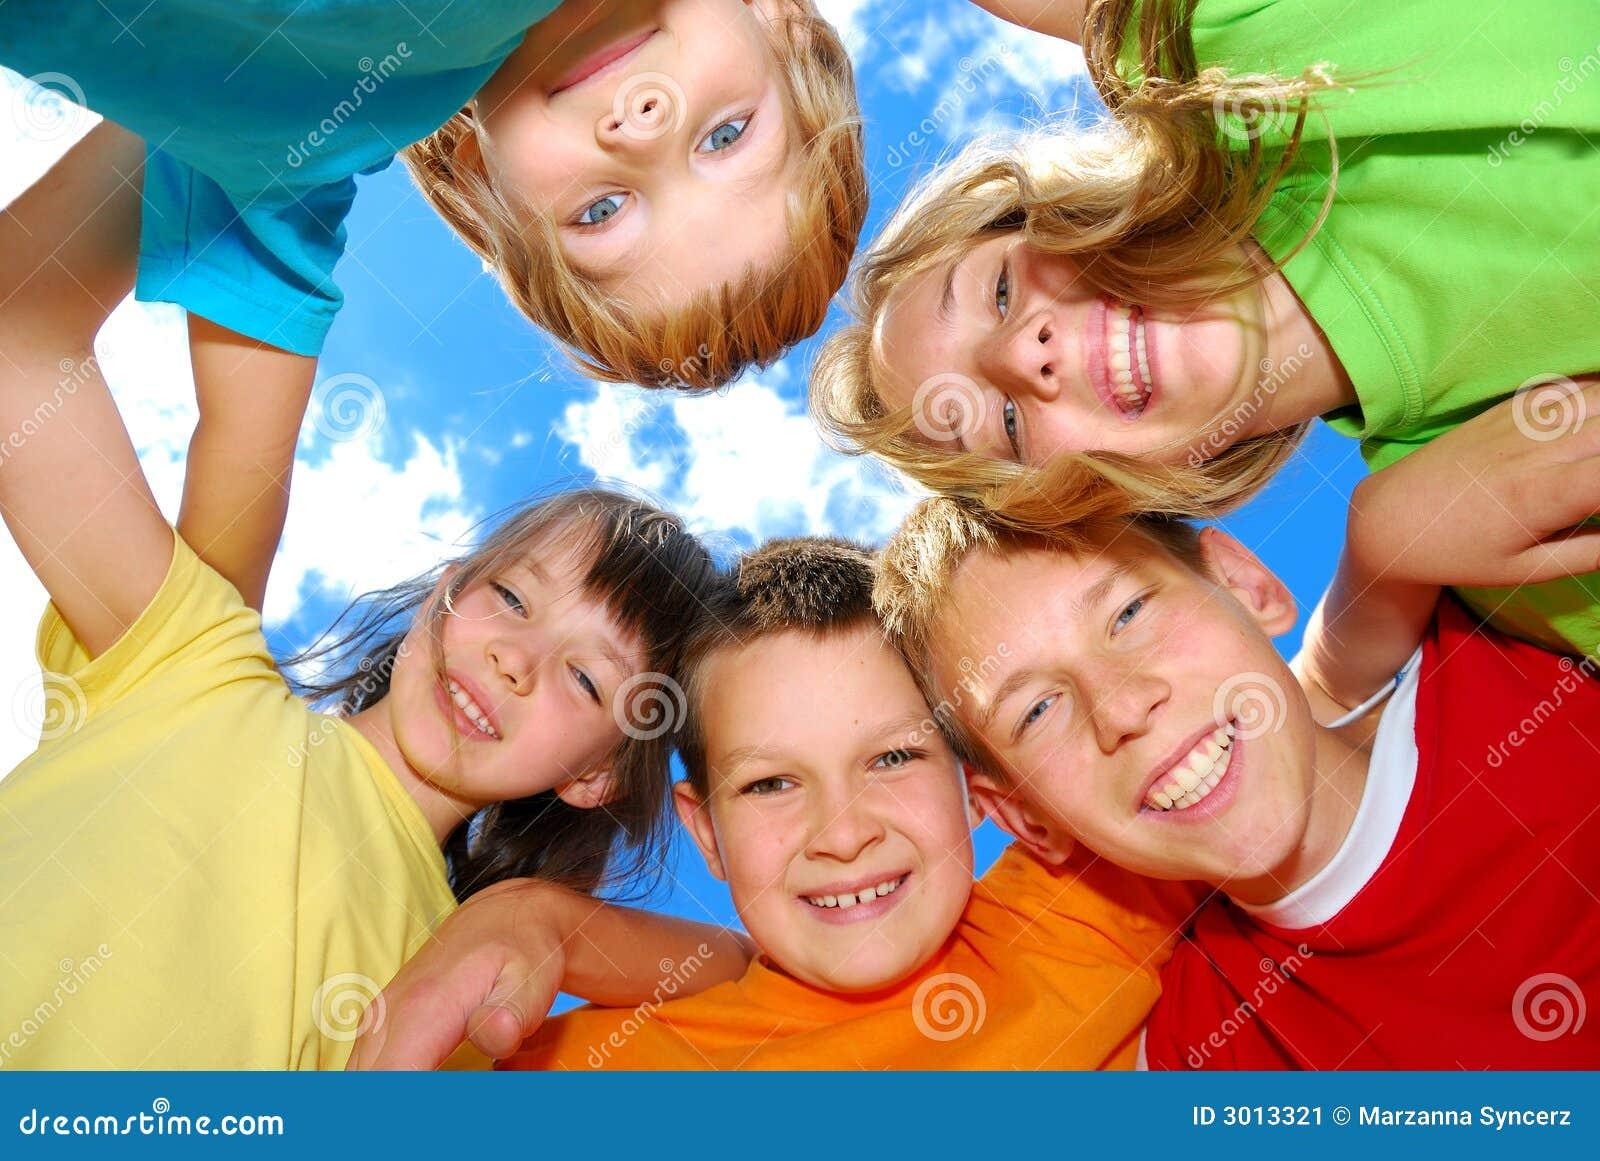 Miúdos felizes em uma aproximação